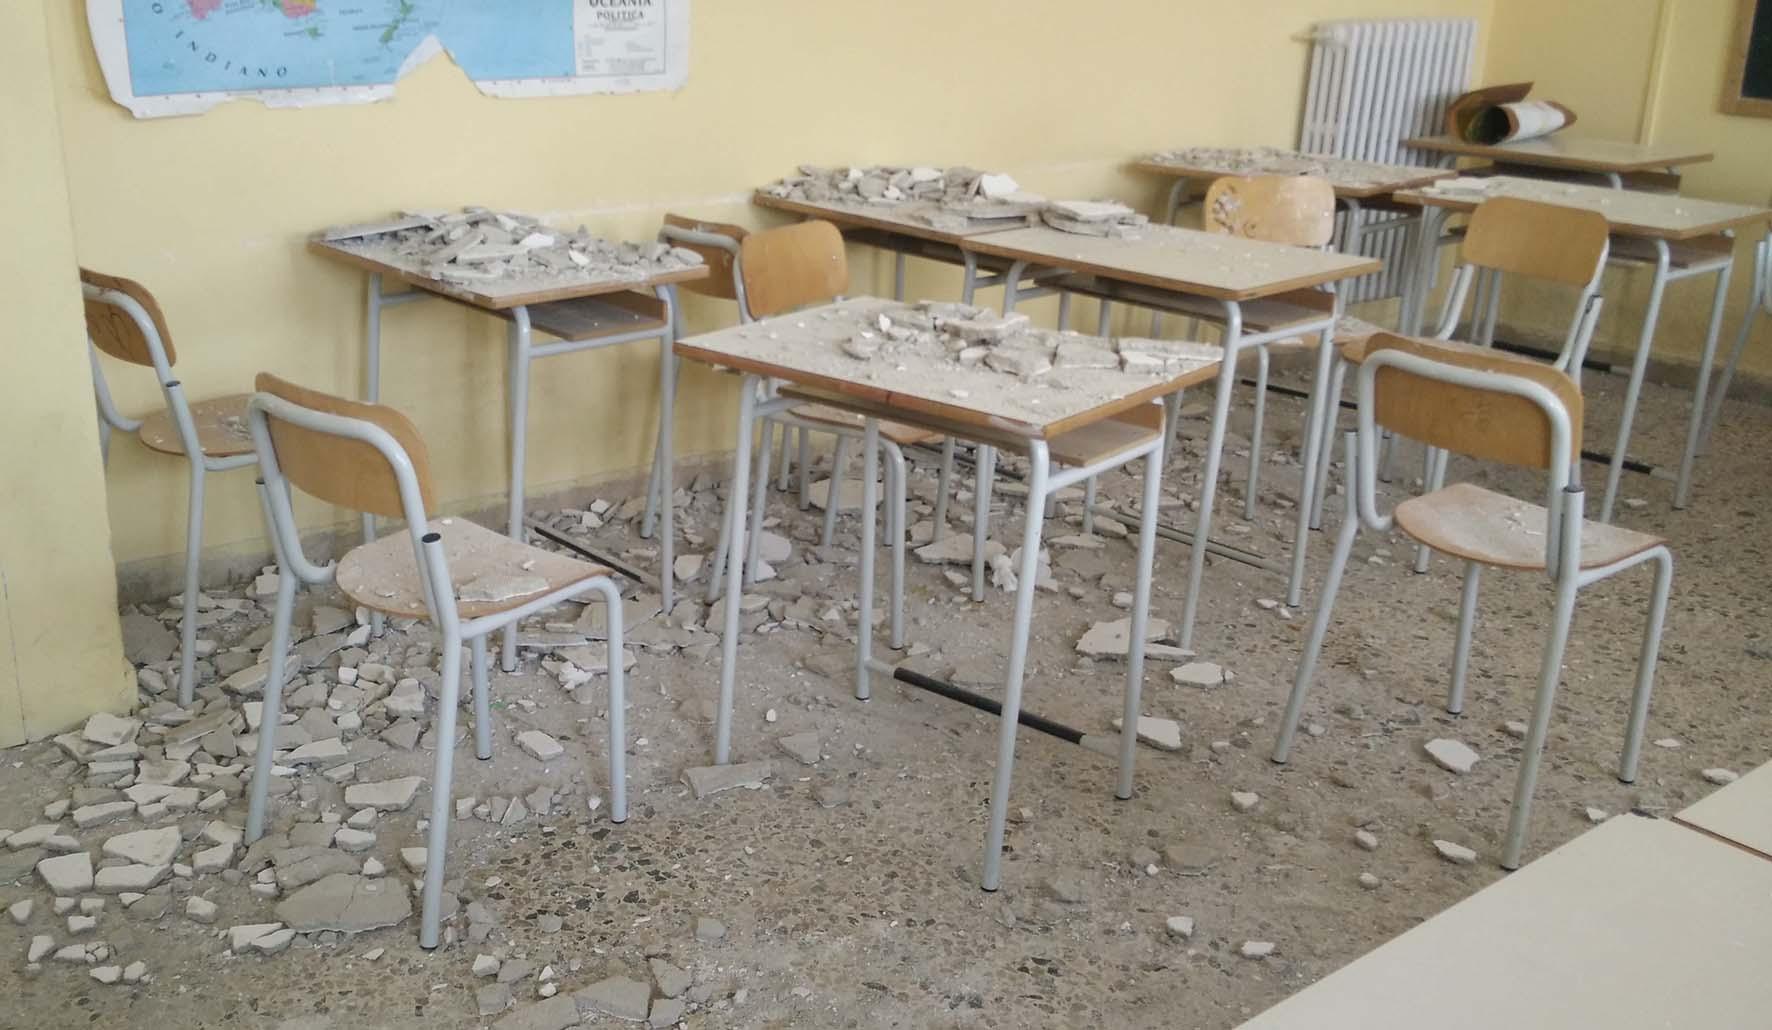 crolli intonaci in aule scolastiche scuole